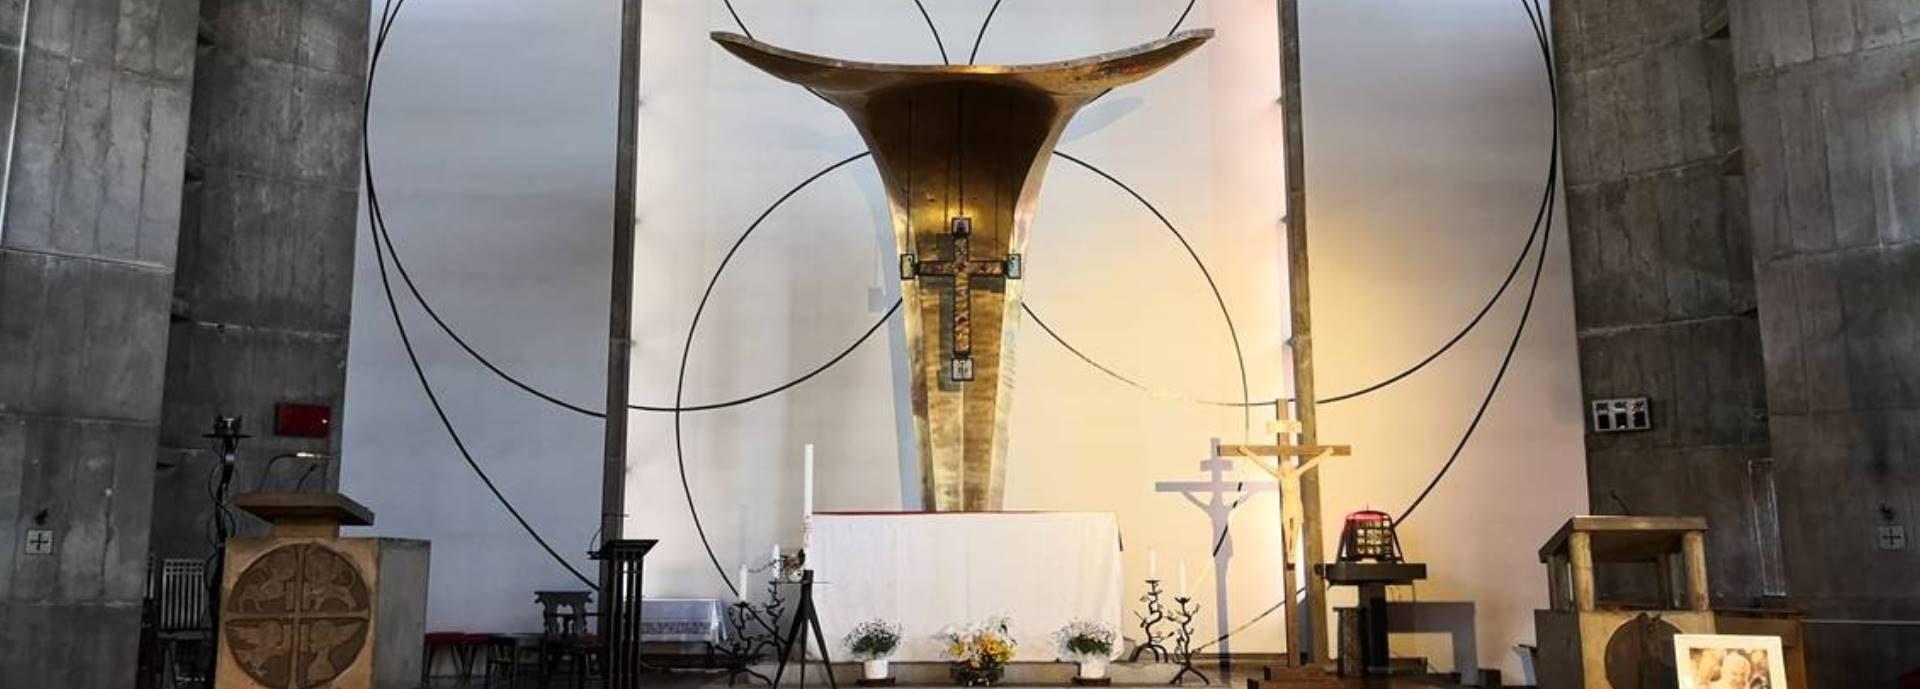 Catholic Meguro Church